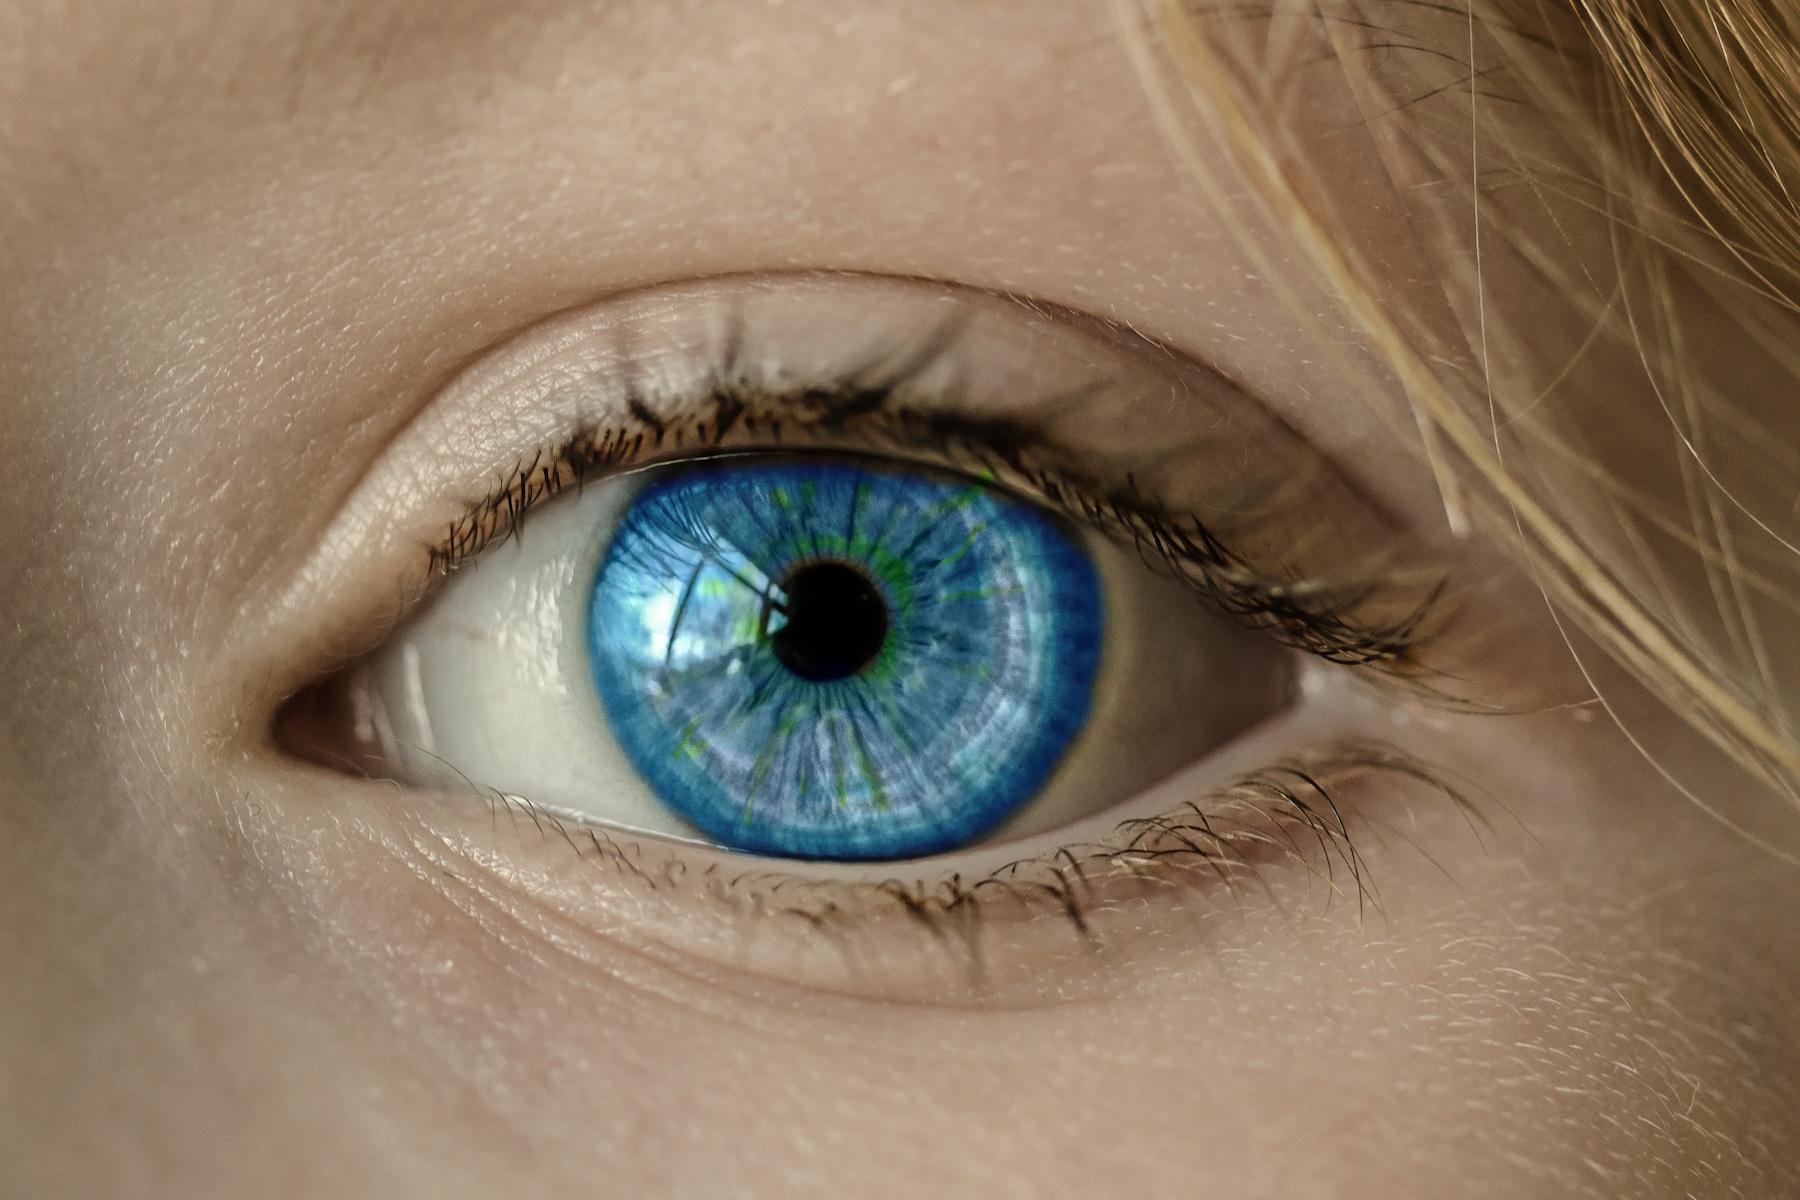 Eyes Explained